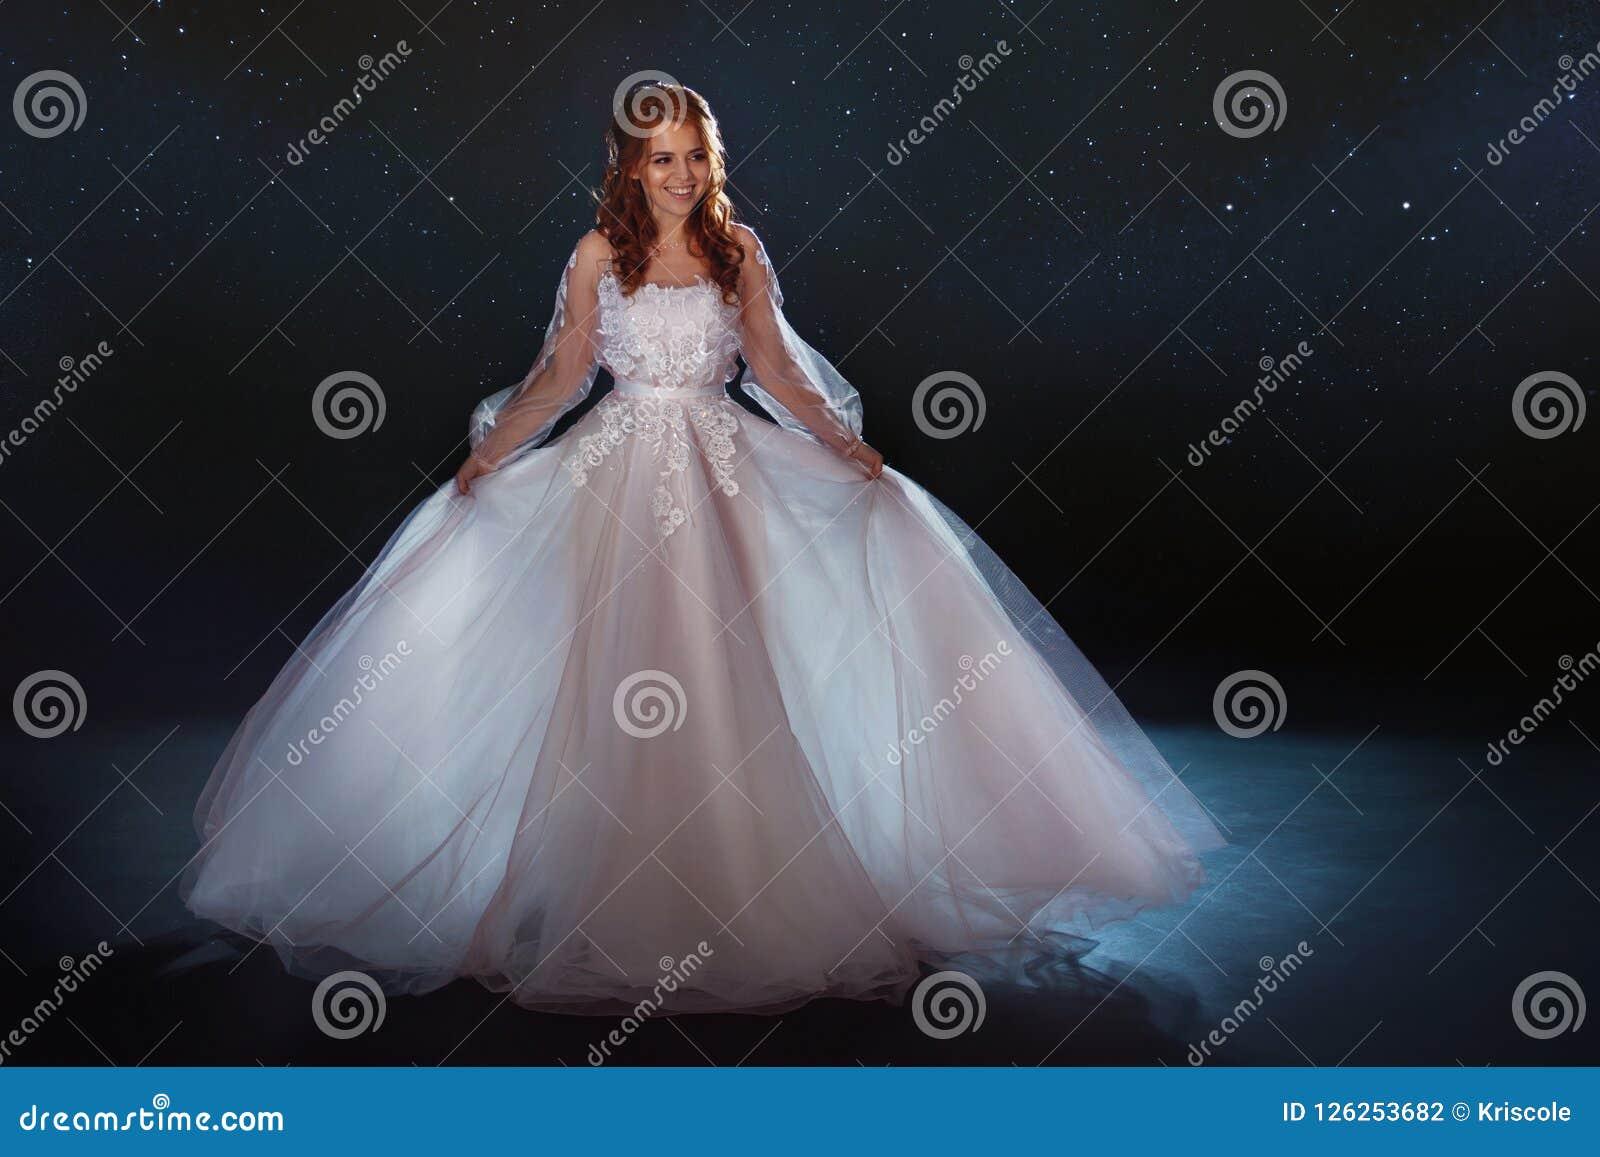 Fabulous Bride In A Beautiful Dress Among The Stars Young Beautiful